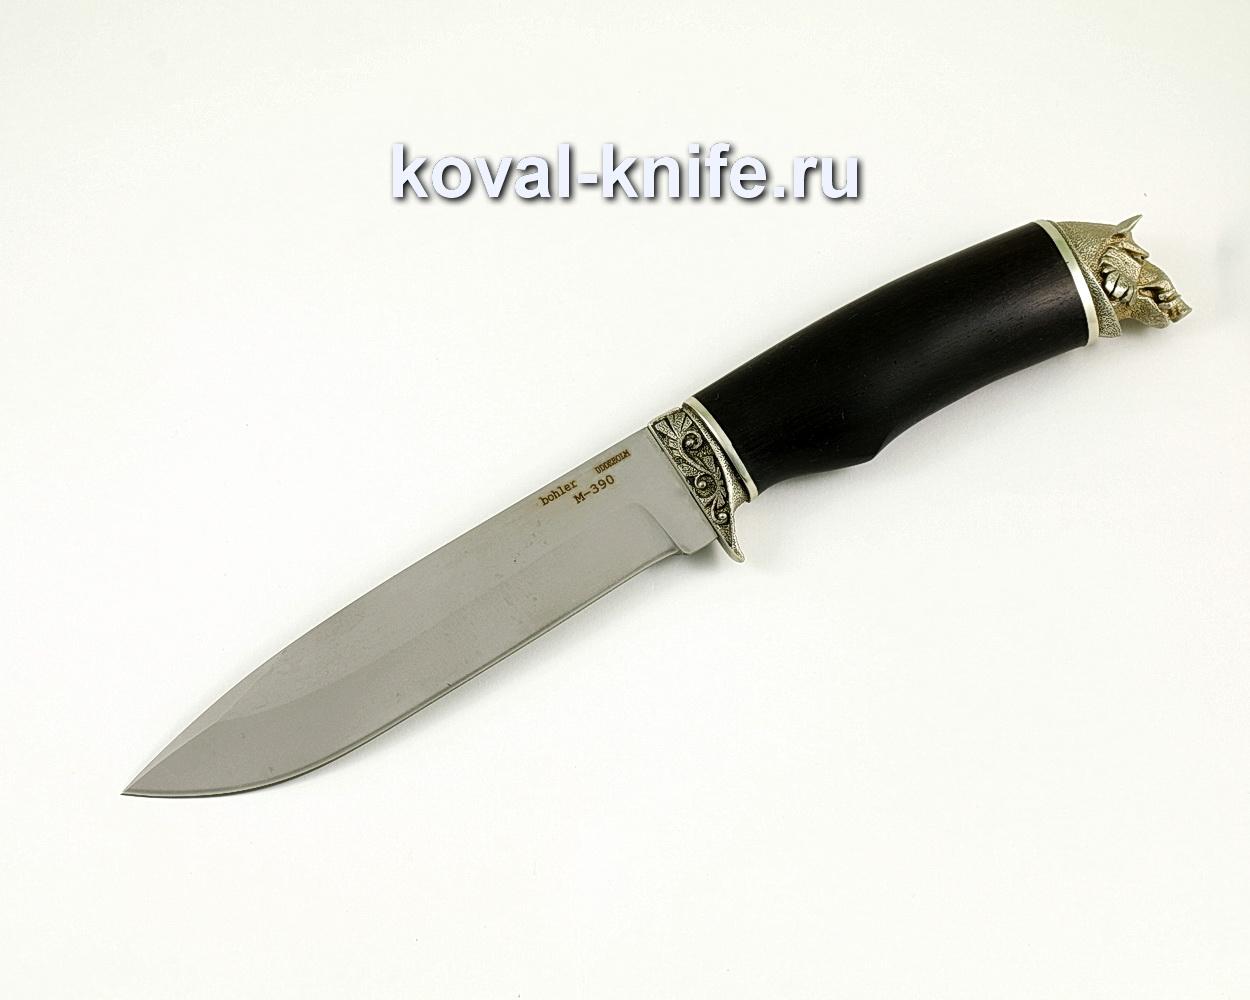 Нож Олимп из порошковой стали M390 (рукоять граб, литье) A393